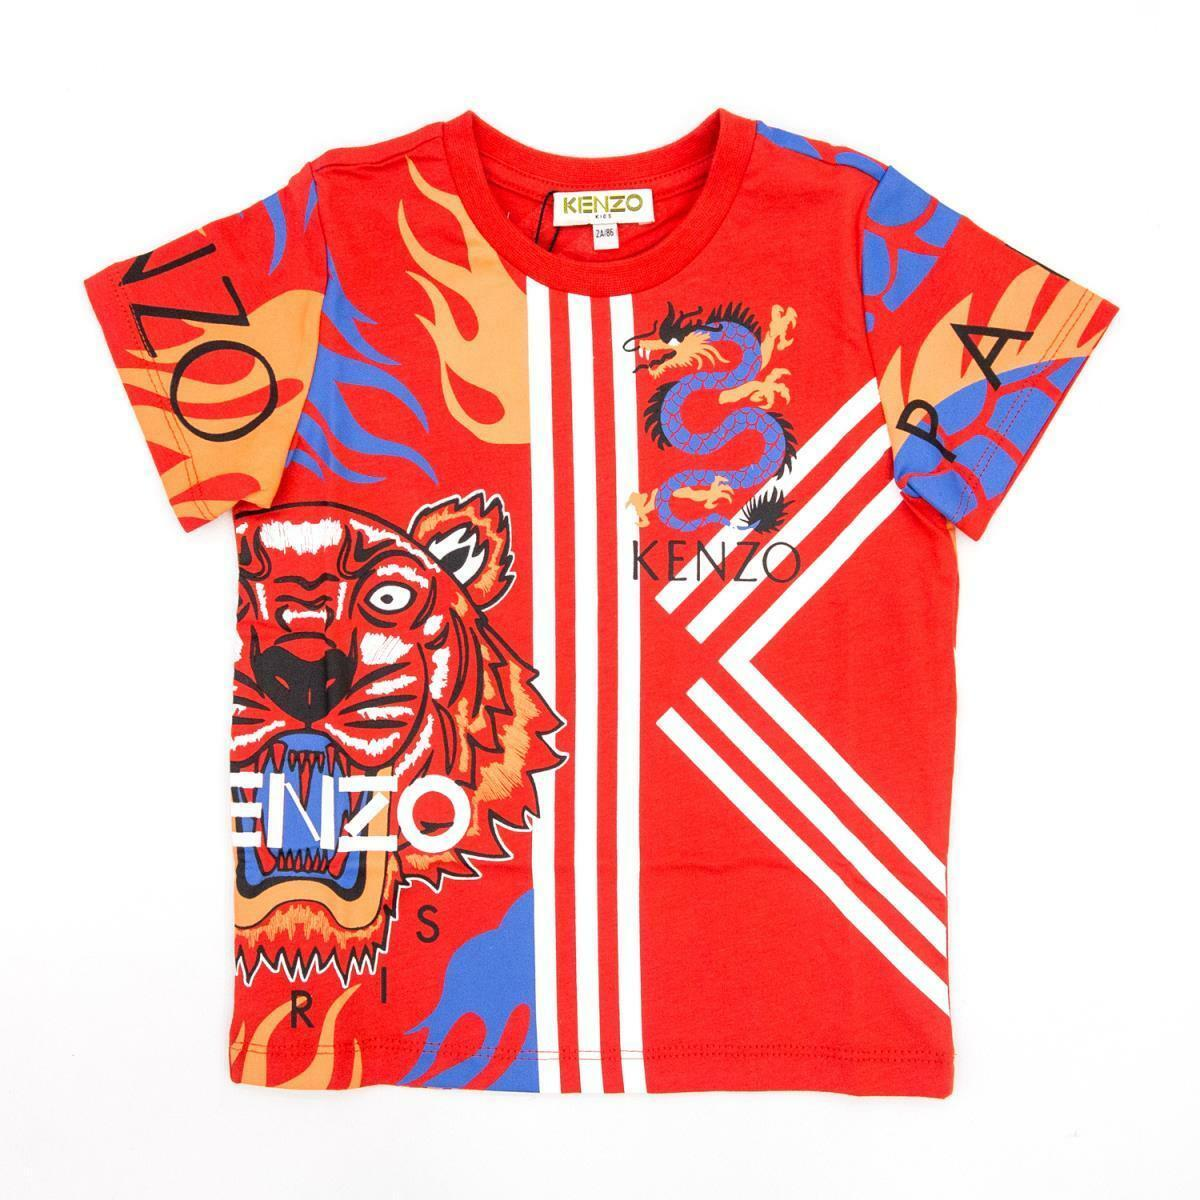 kenzo kenzo t-shirt bambino rosso kq10578